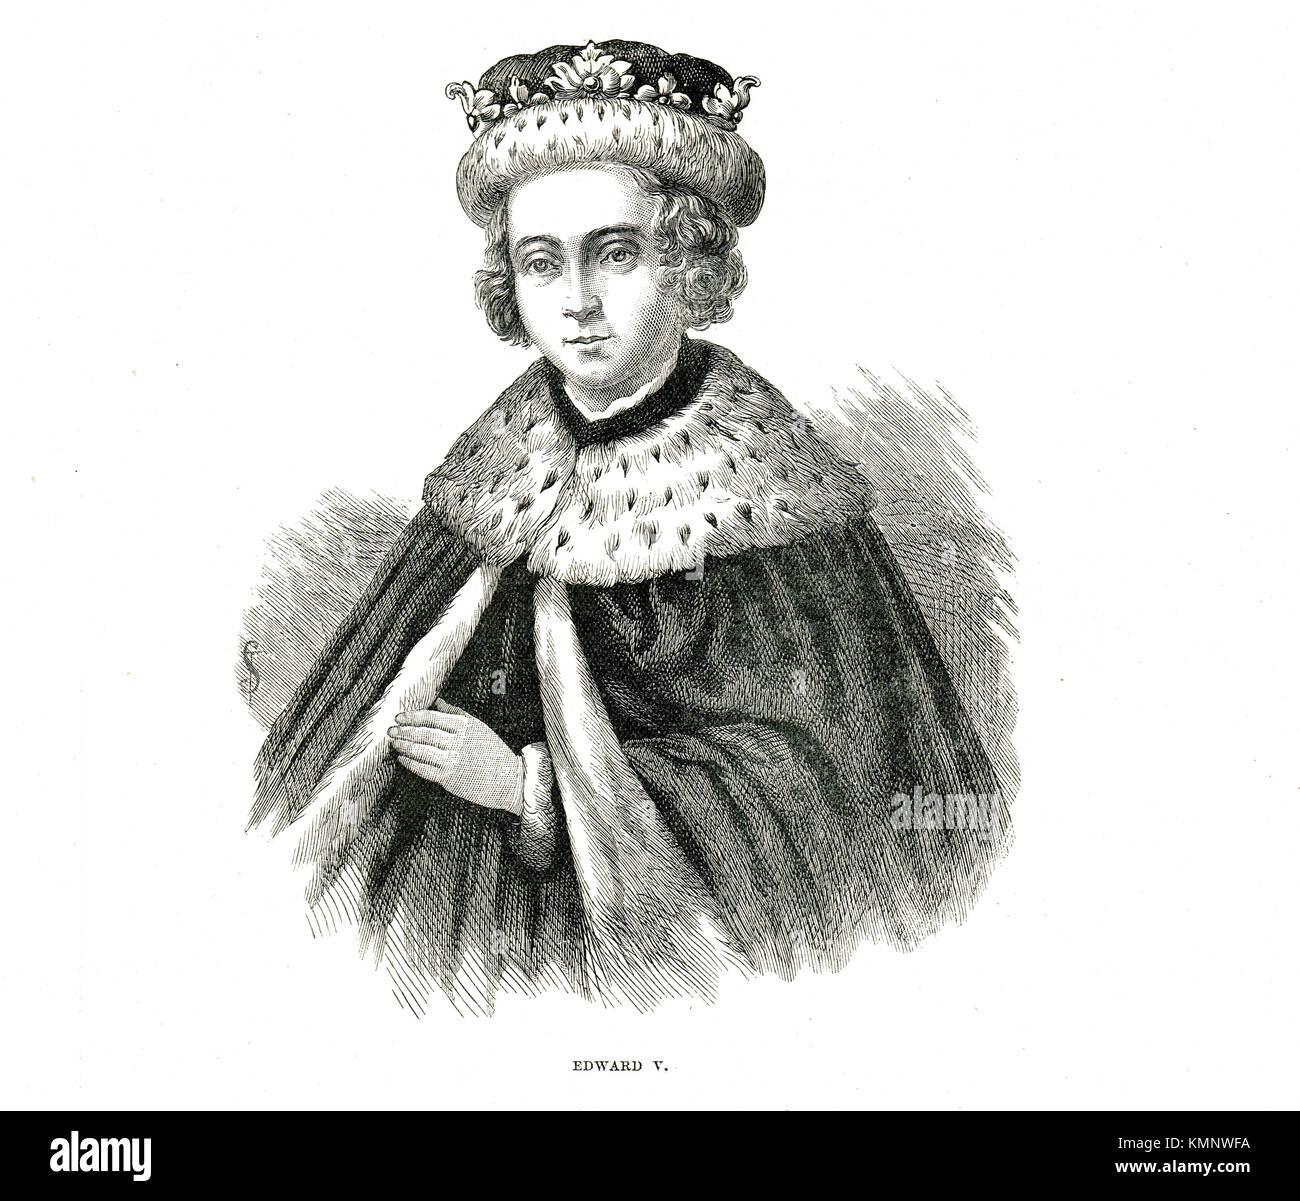 König Edward V. von England, 1470-1483, regierte April - Juni 1483 (UNGEKRÖNTE) Stockbild